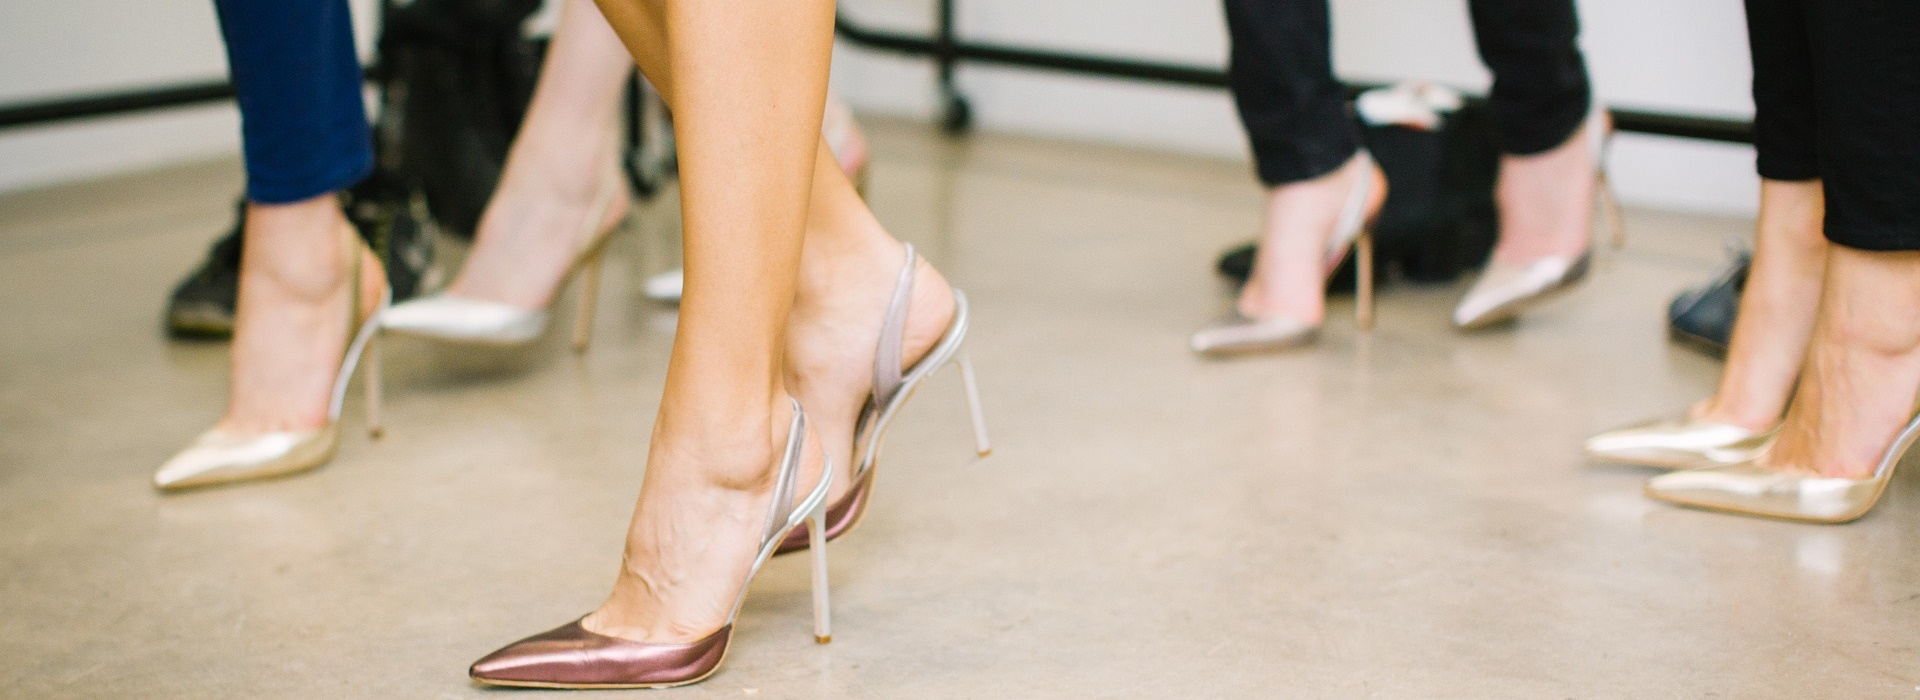 Ladies in heels